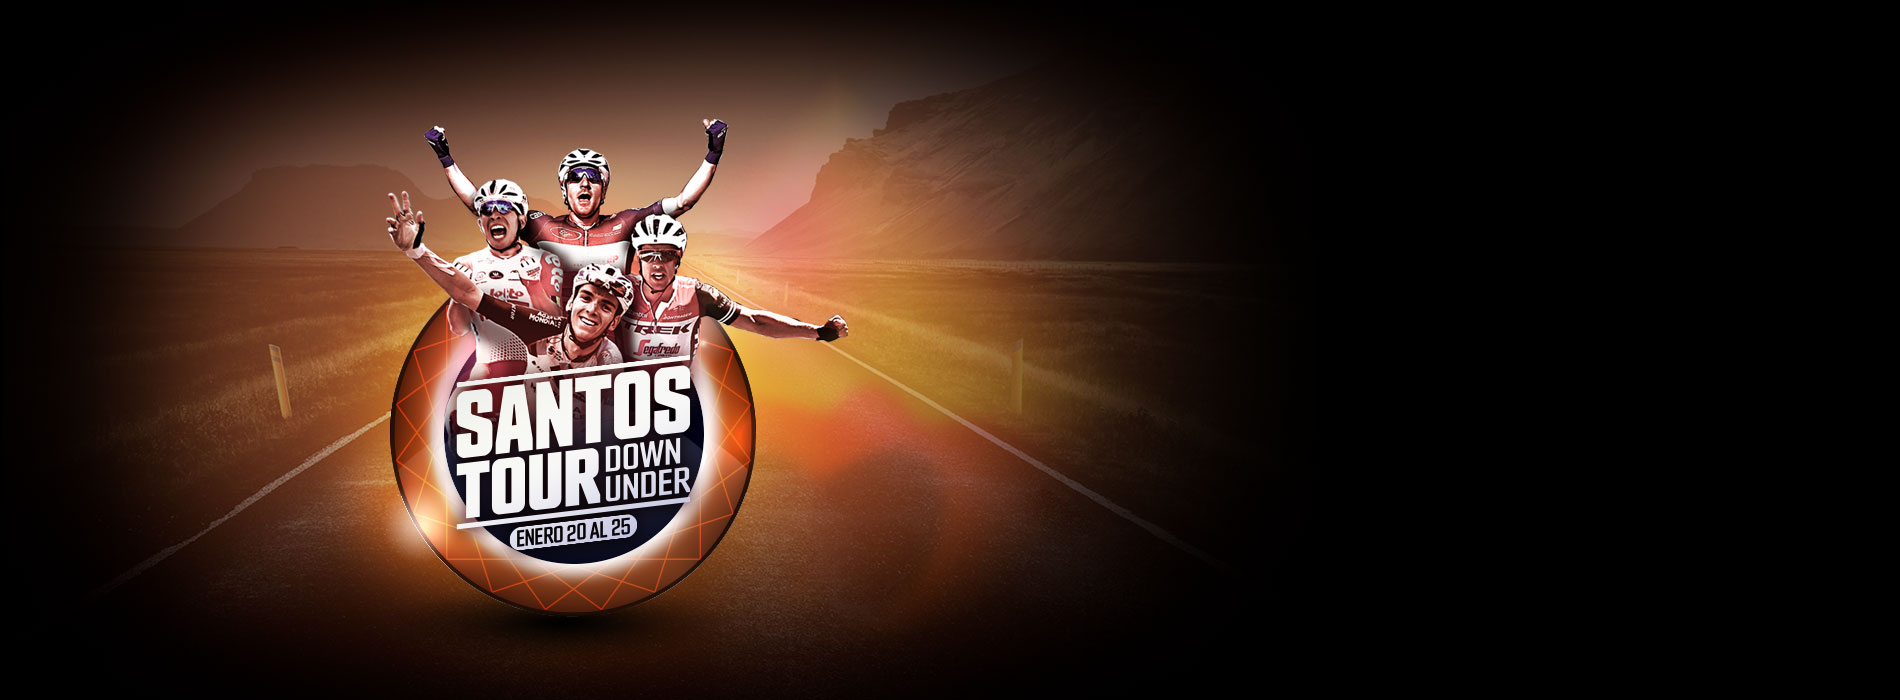 El Santos Tour Down Under 2020 se verá en la pantalla de Señal Colombia.